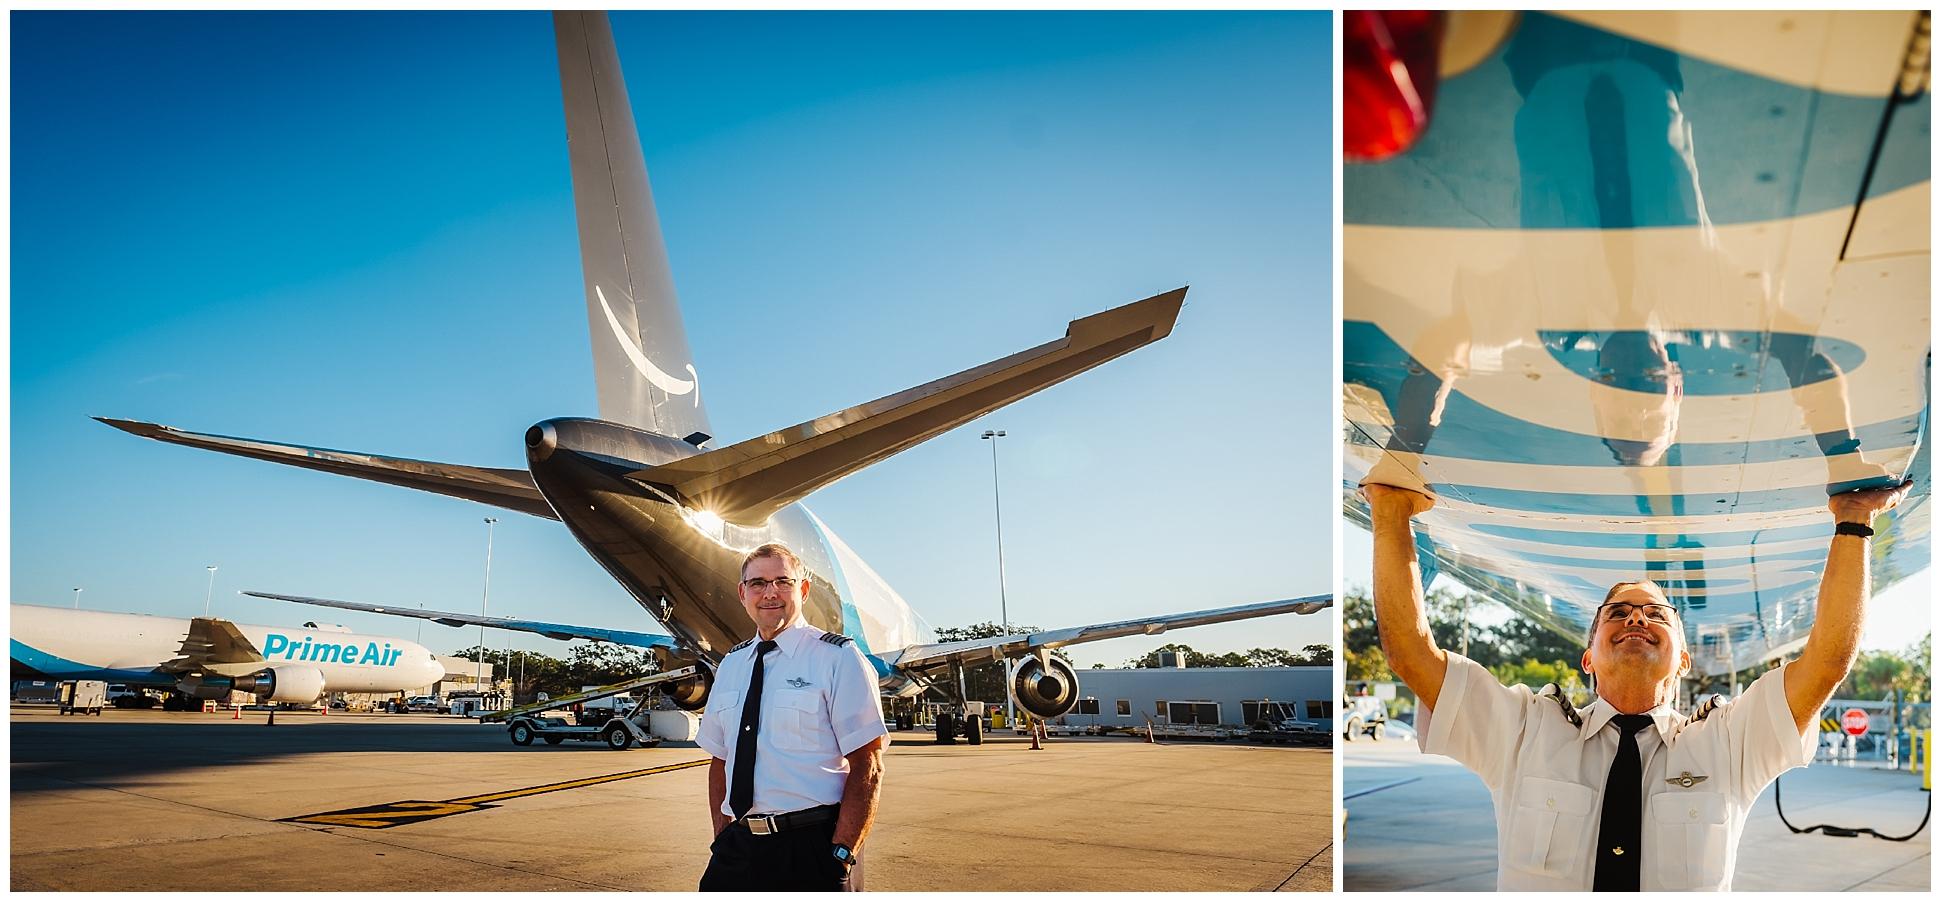 el-capitan-hamon-airline-pilot_9.jpg